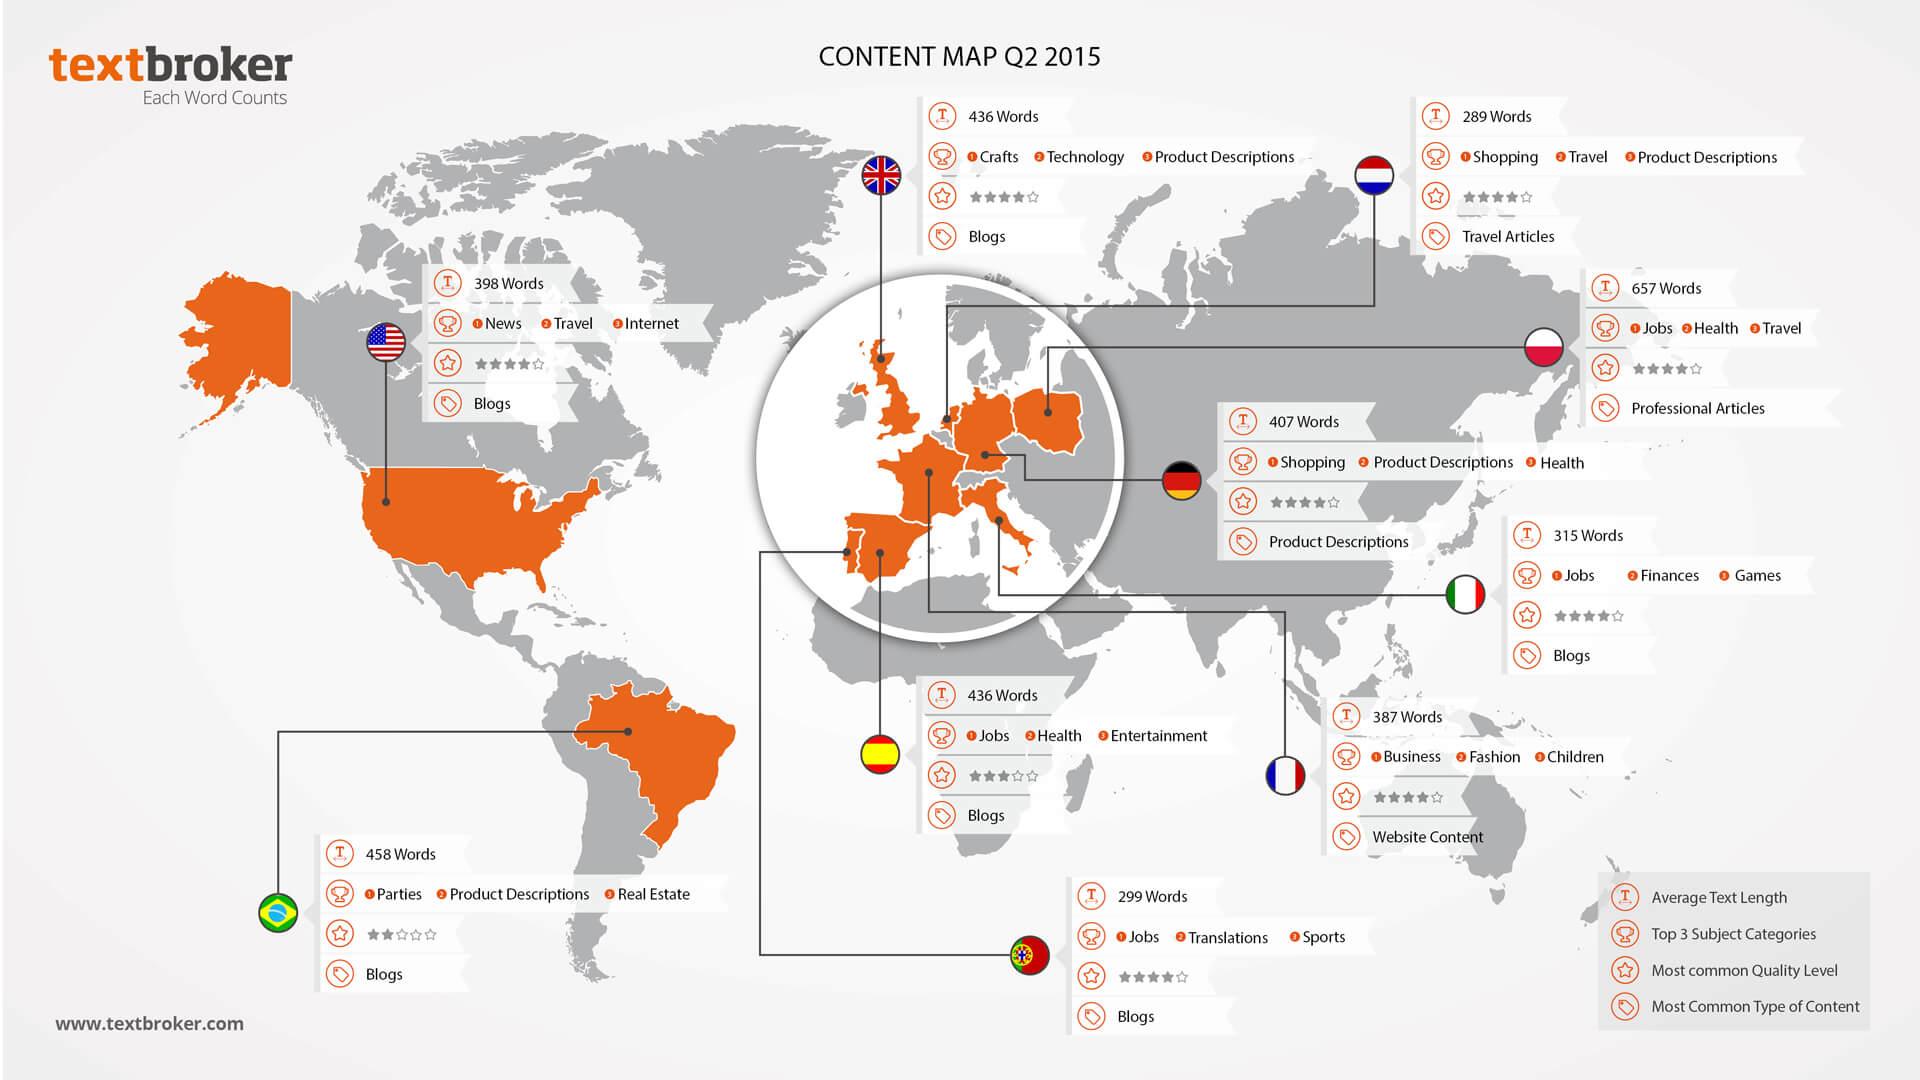 Textbroker Content Map Q2 2015